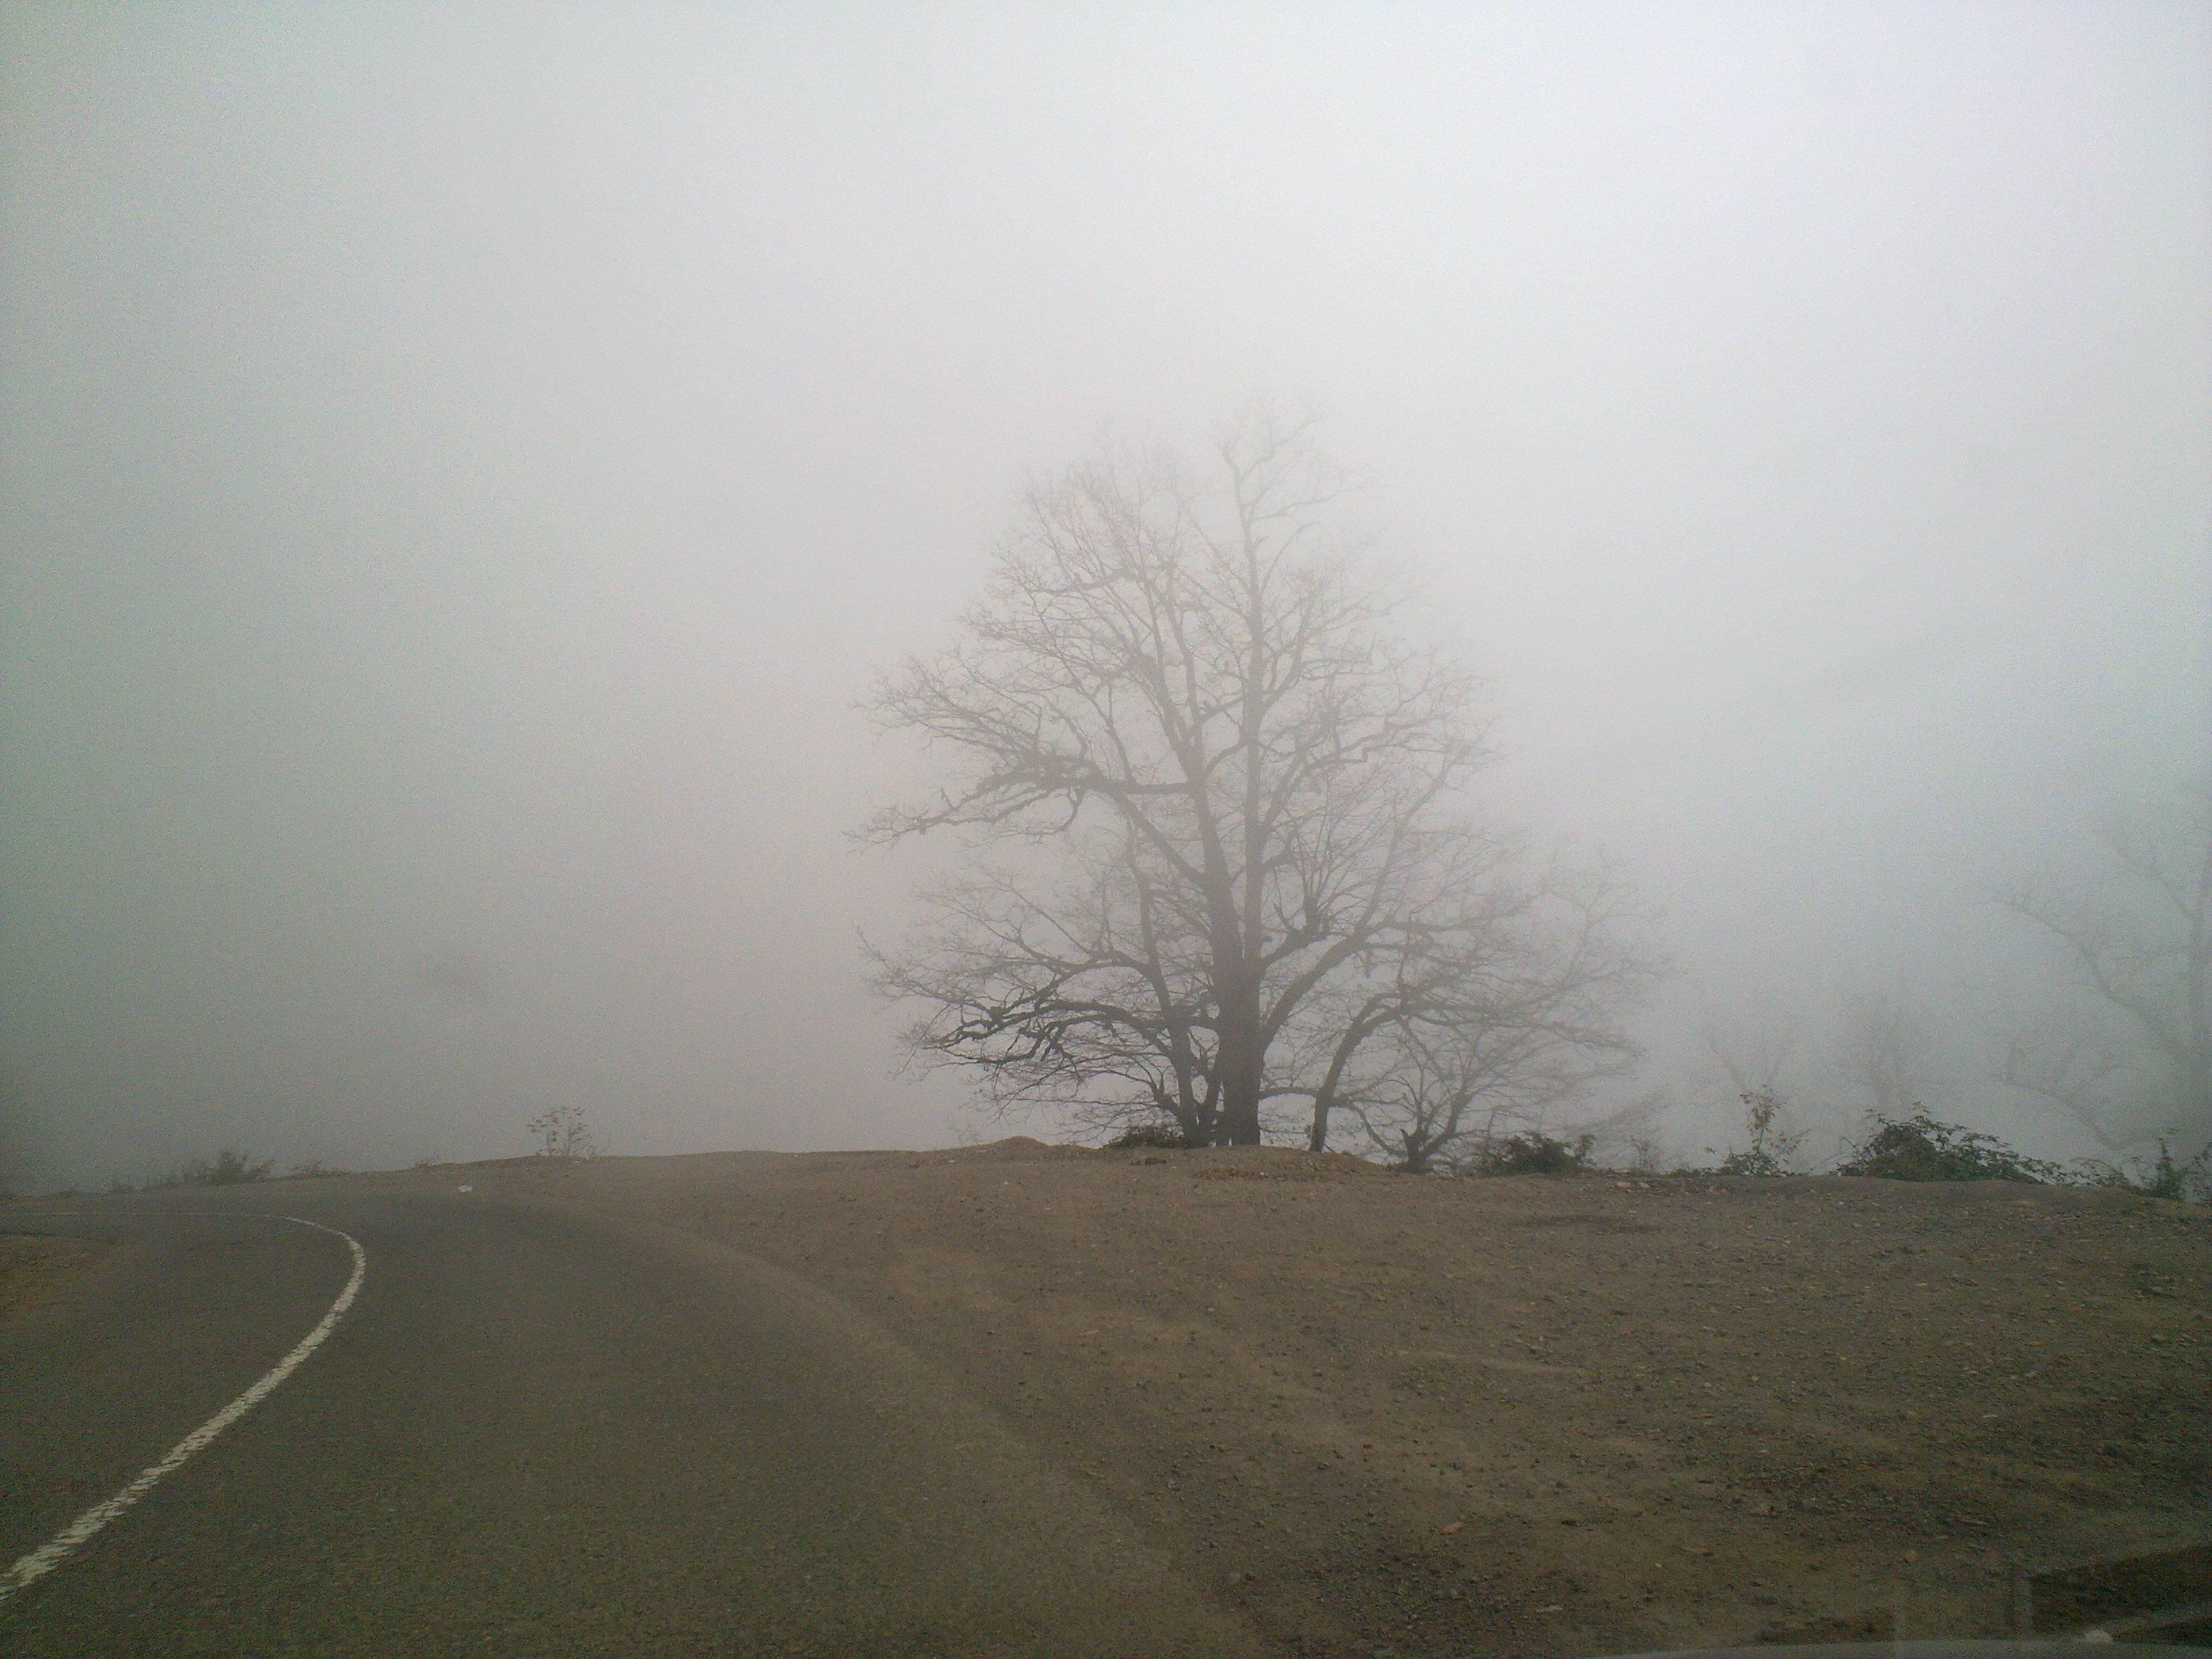 مه چیست؟و چگونه به وجود میآید؟